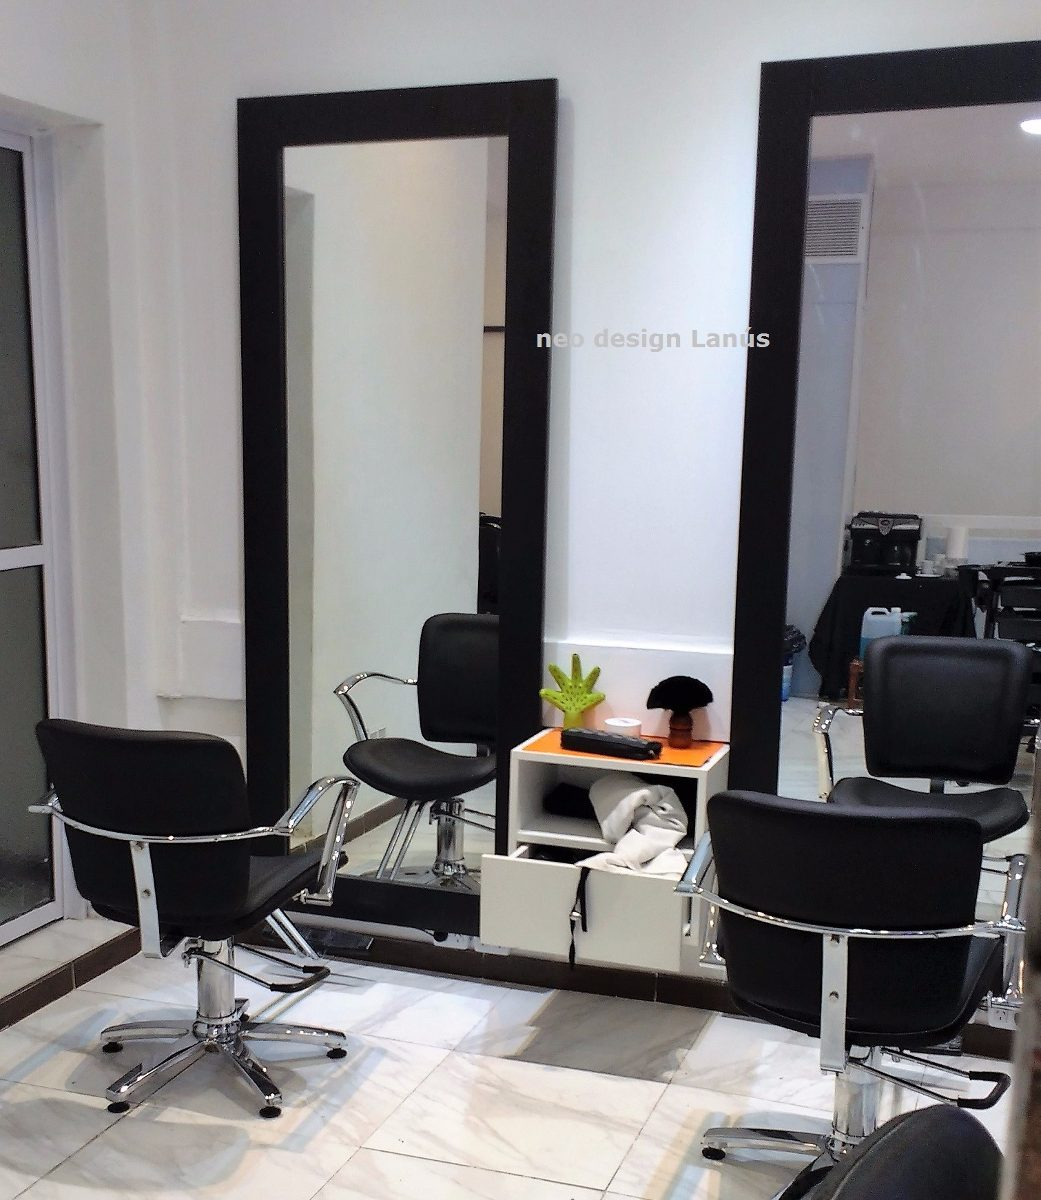 Espejo Salon Estetica 1 70 X 0 70m Marco Negro Unico Gba